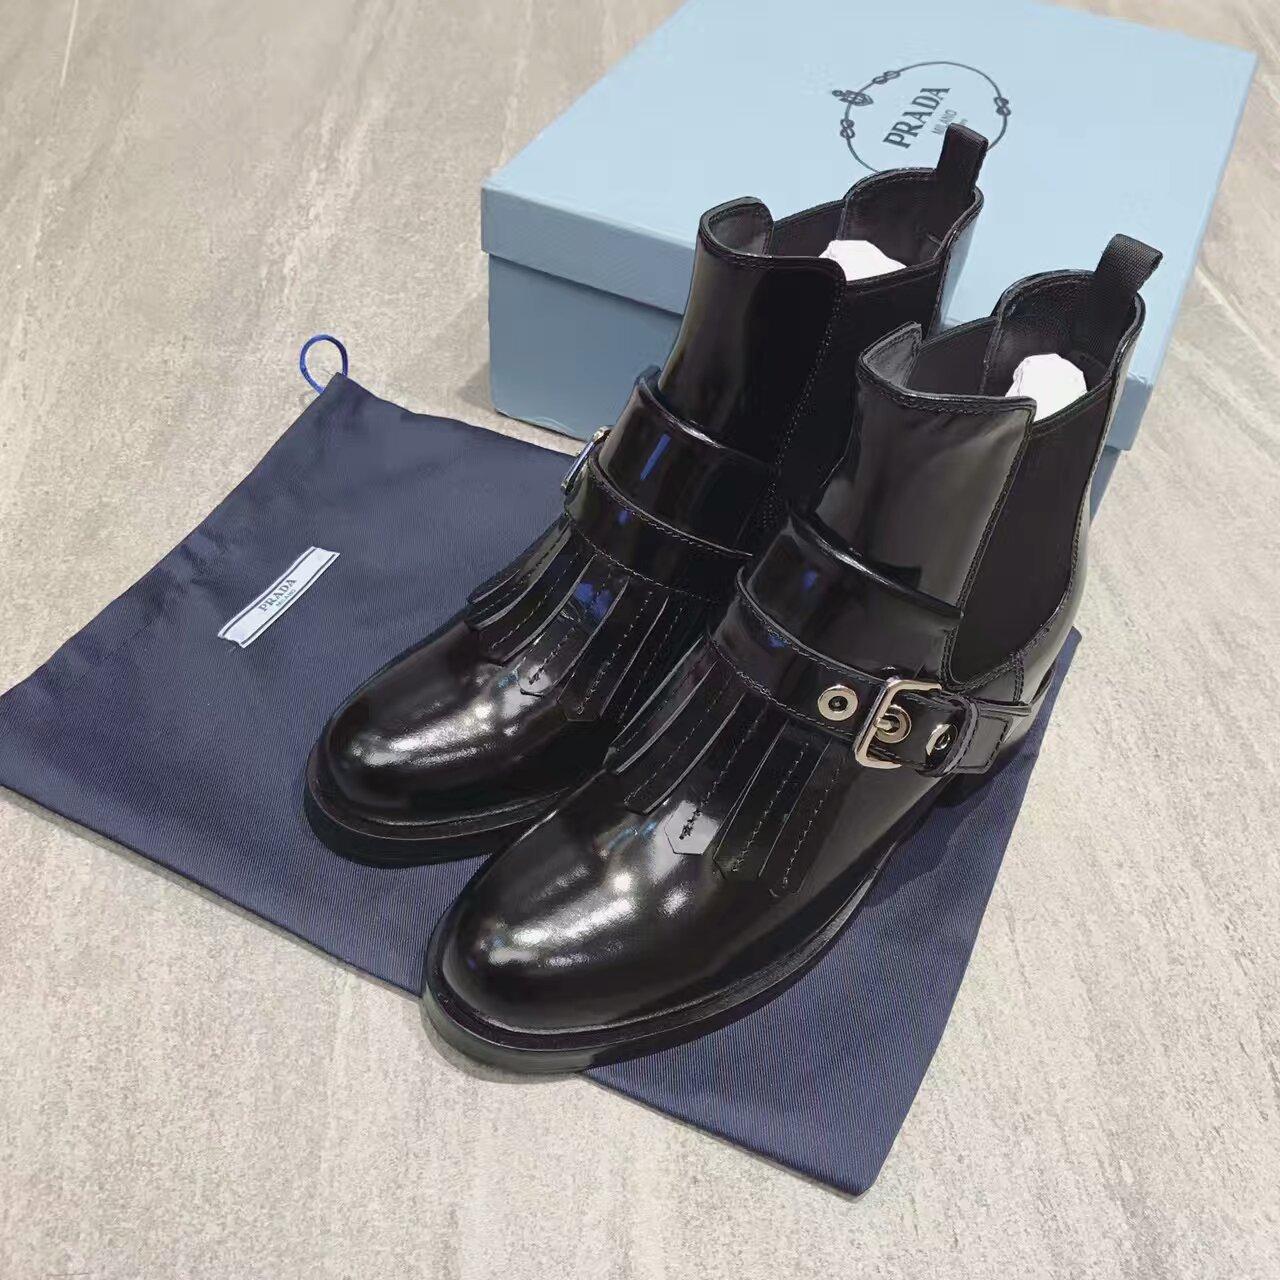 PRADA 16ss冬季最新款短靴,巴黎走秀款!香港原版购入